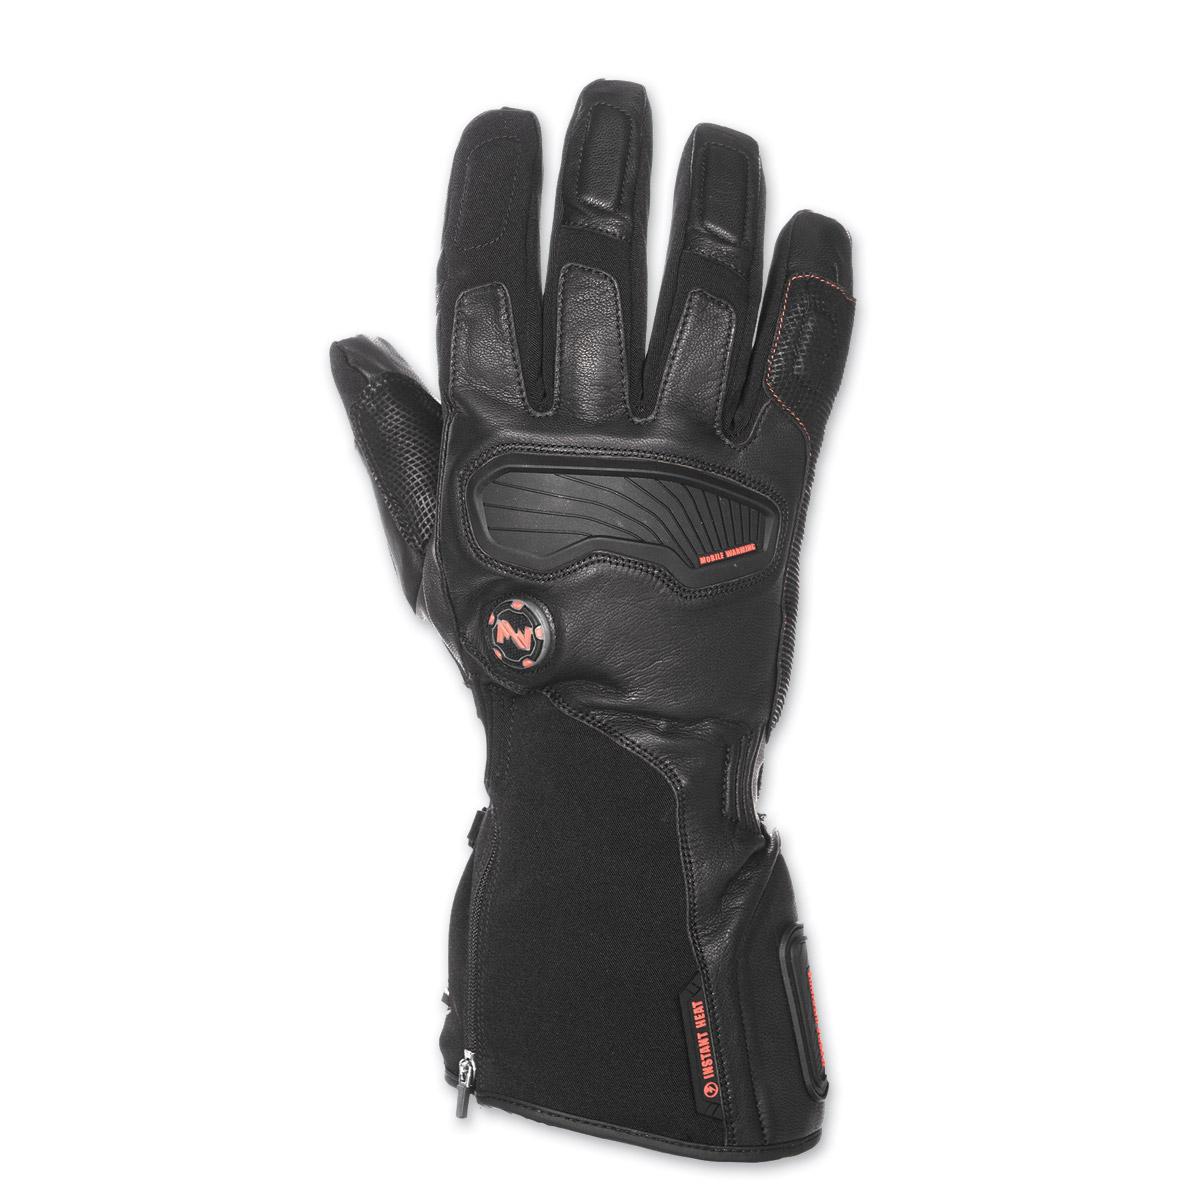 Mobile Warming Men's Barra Leather/Textile 7.4V Heated Black Gloves